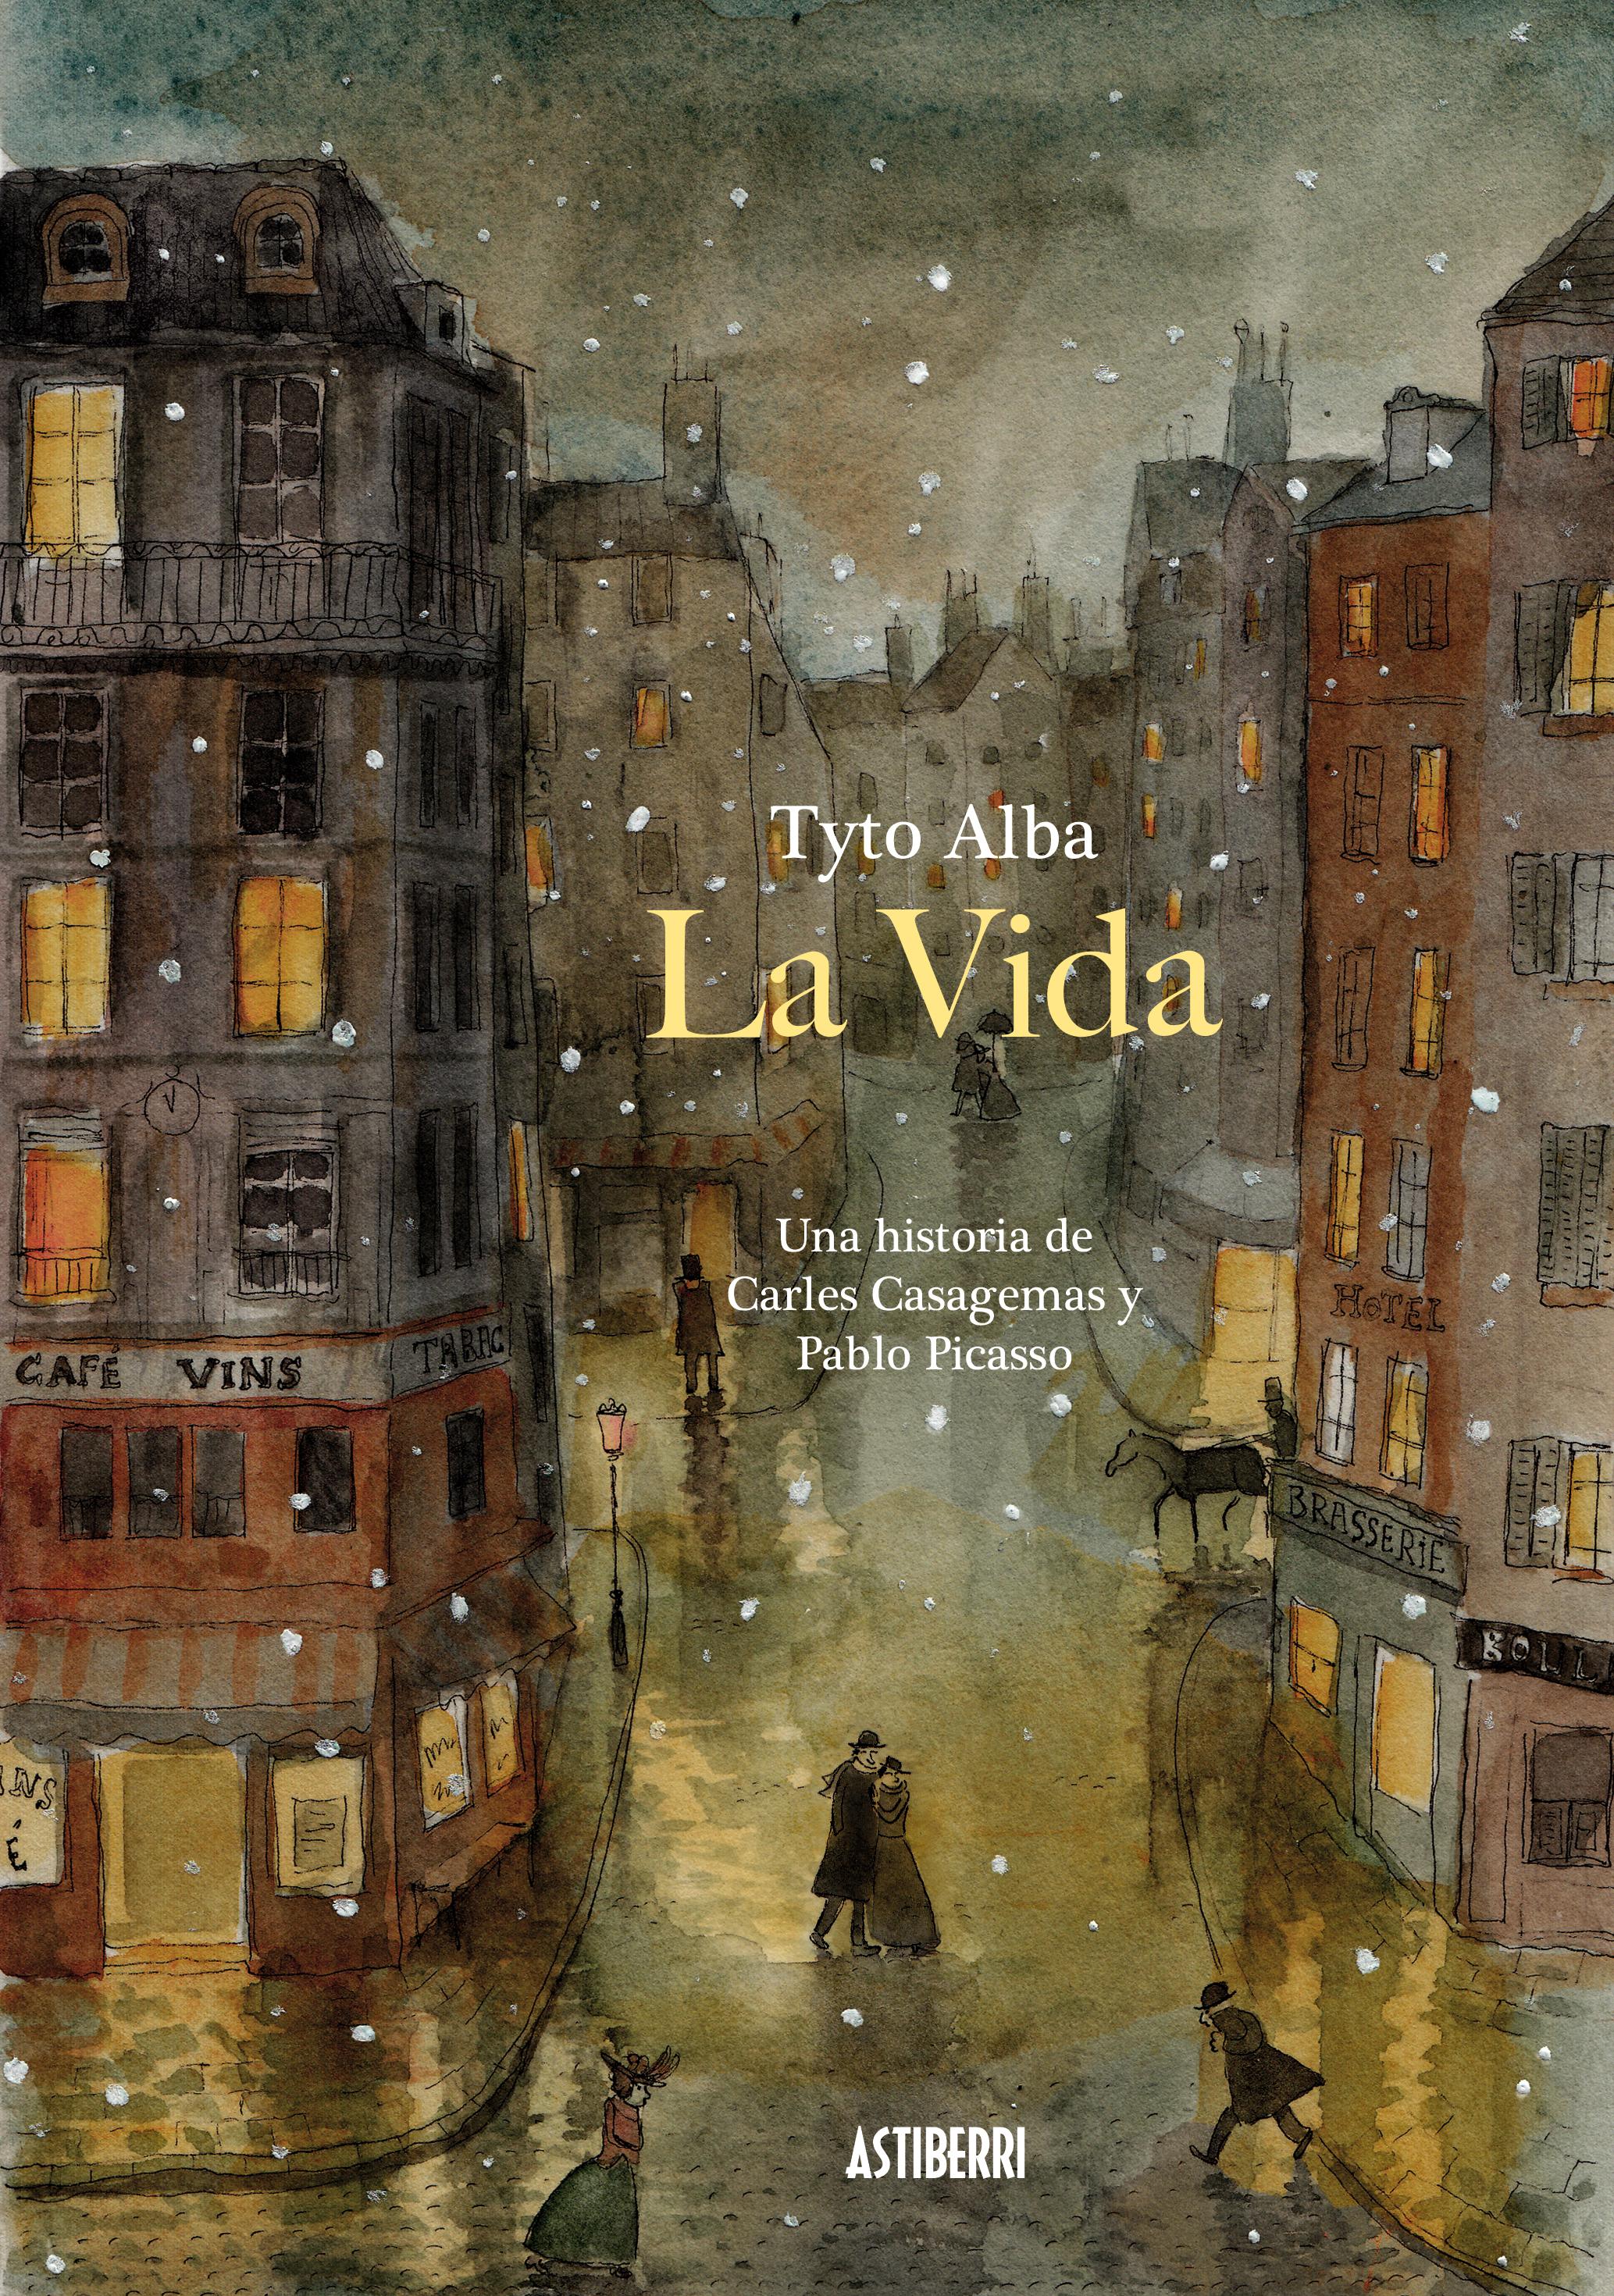 La vida. Una historia de Carles Casagemas y Pablo Picasso Book Cover